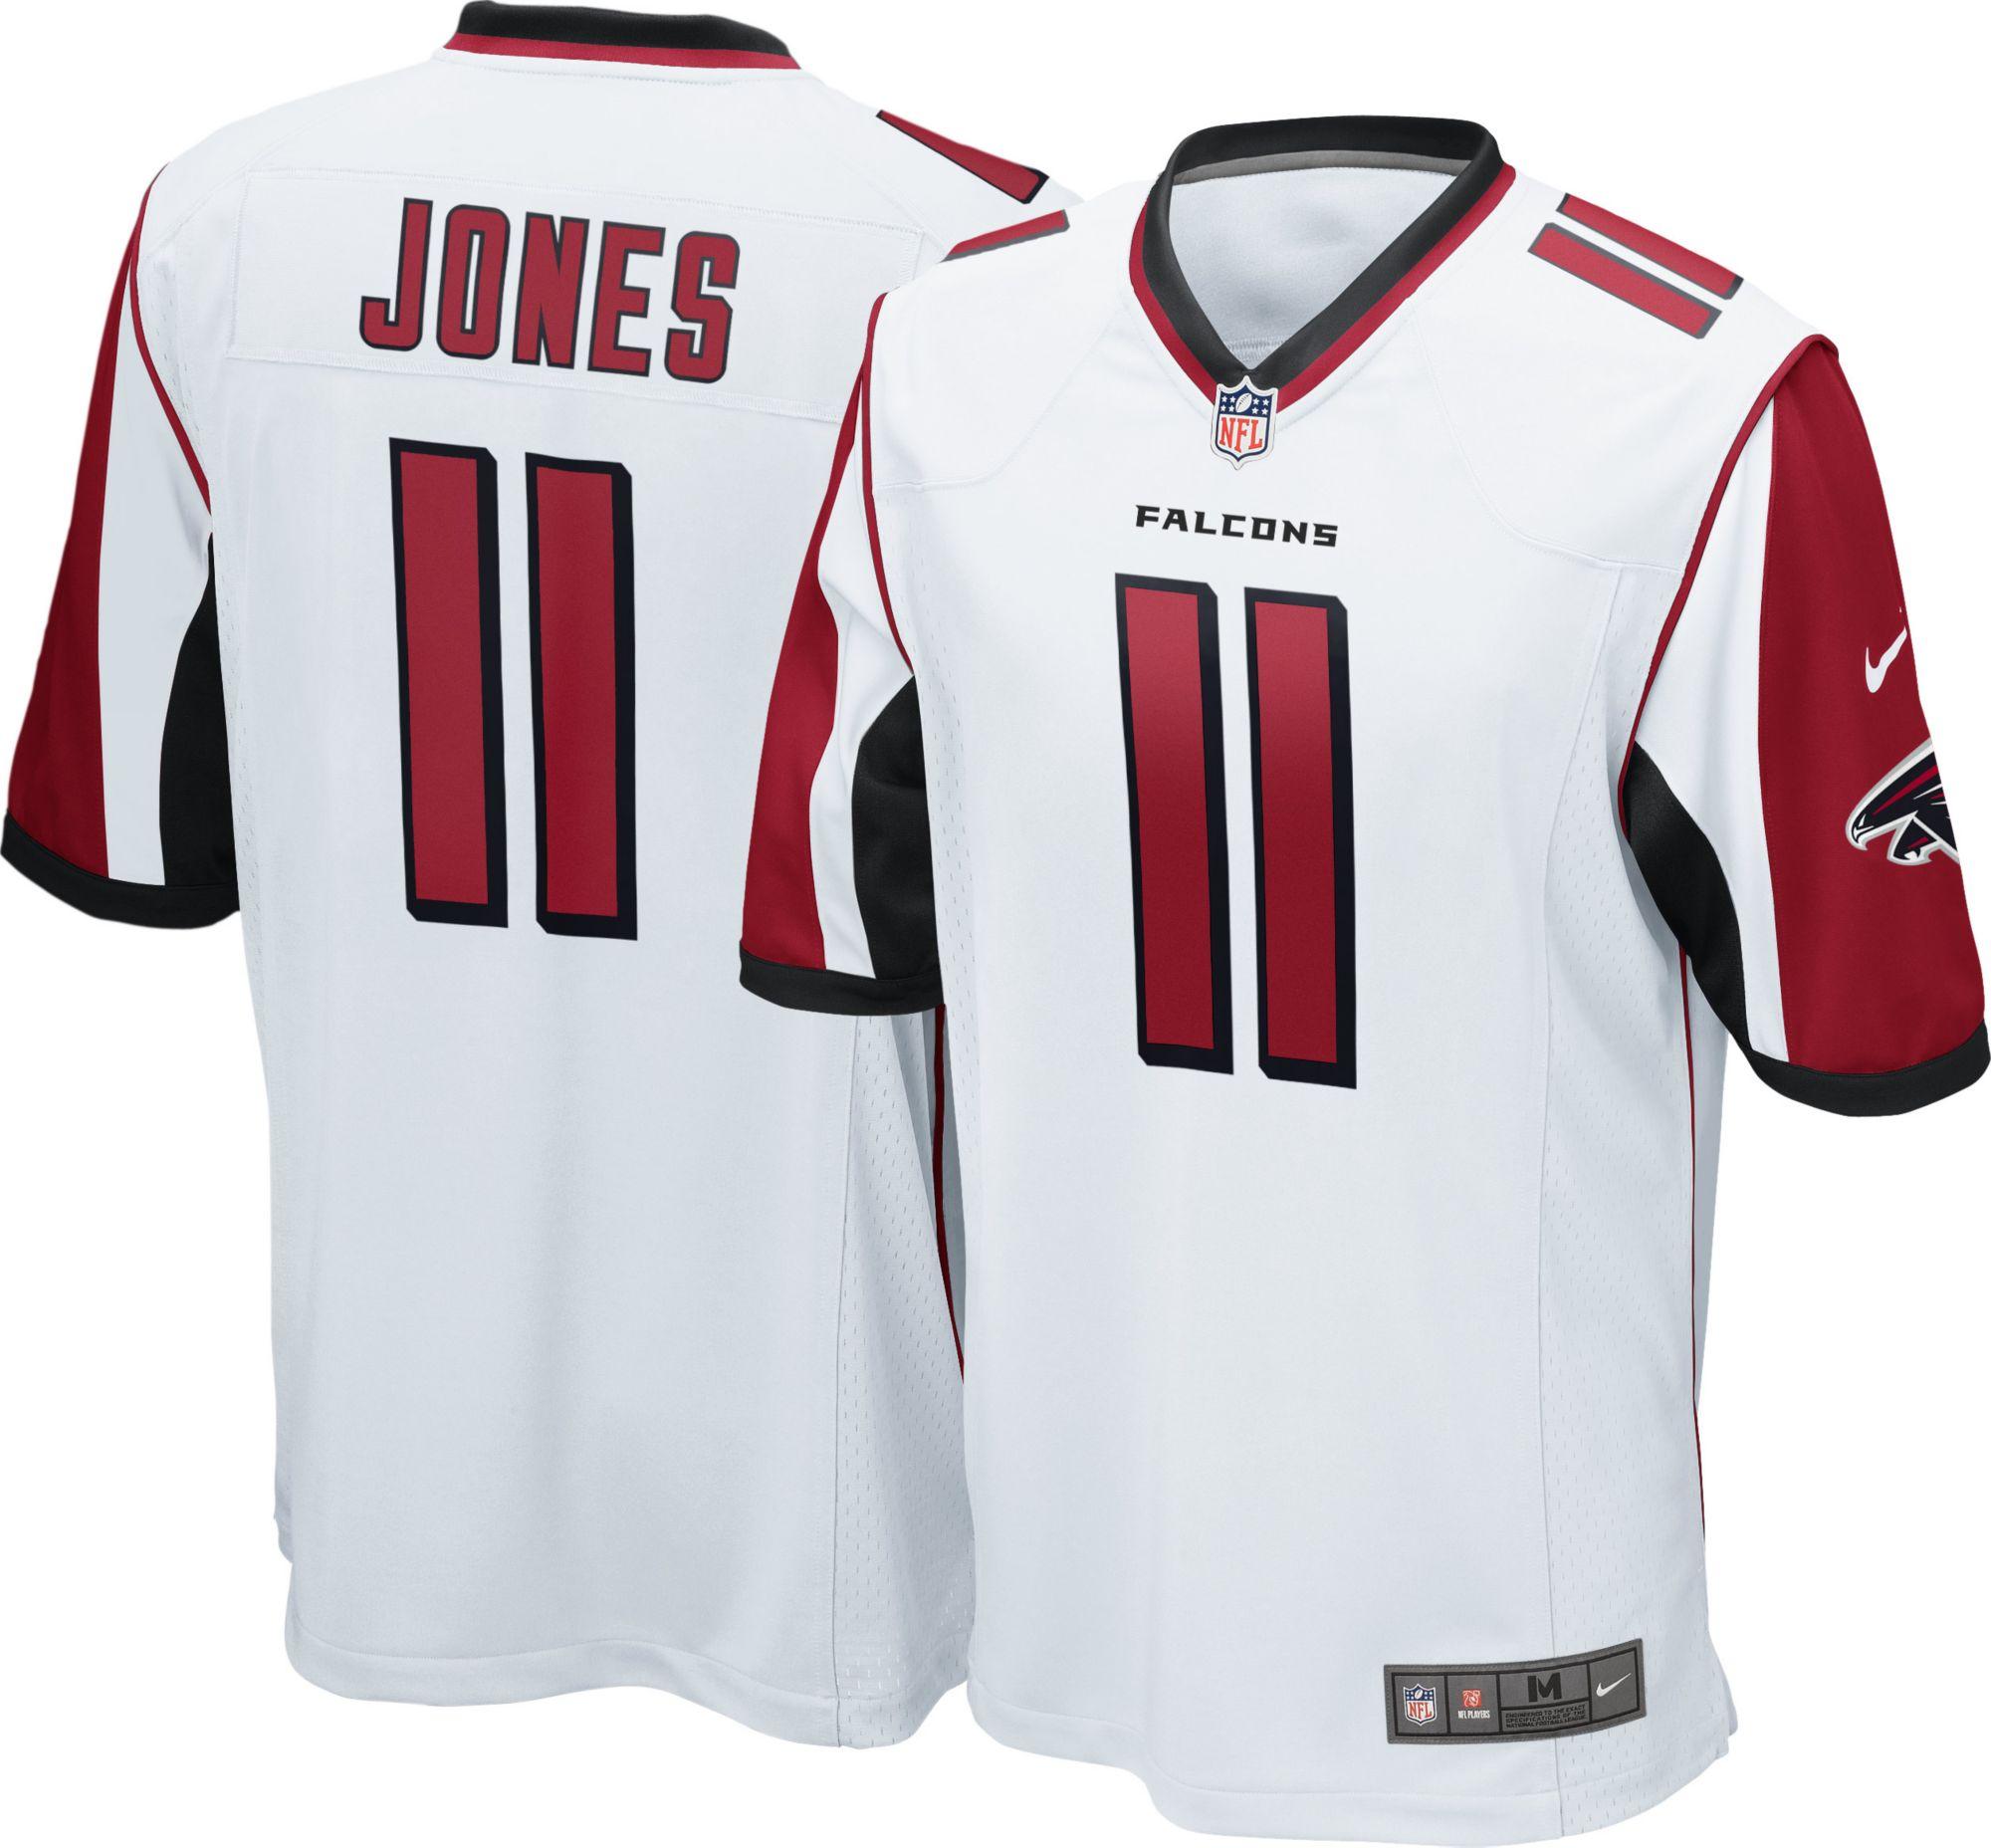 buy atlanta falcons jersey